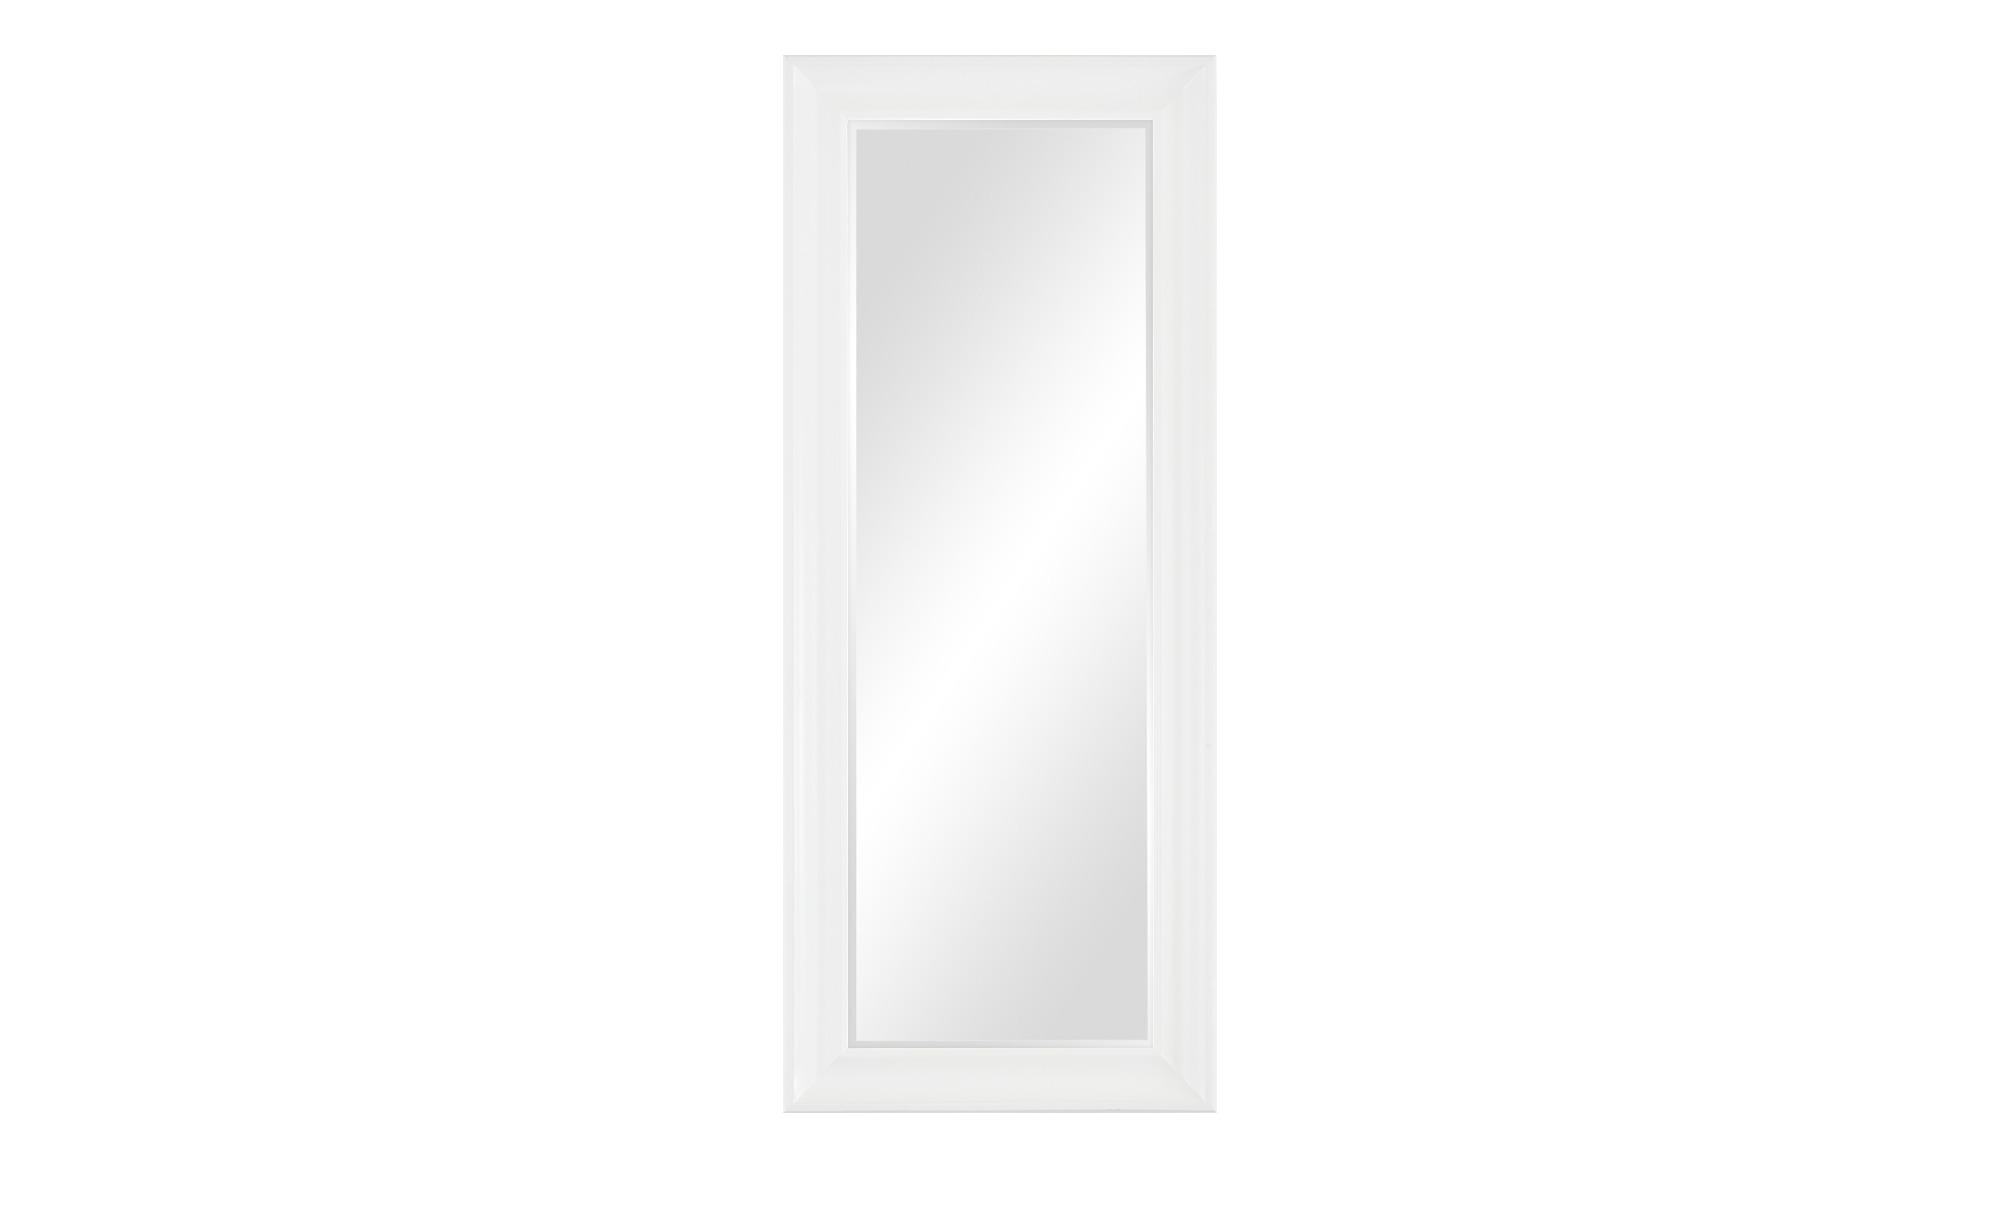 rahmenspiegel adro breite 70 cm h he 170 cm wei online kaufen bei woonio. Black Bedroom Furniture Sets. Home Design Ideas